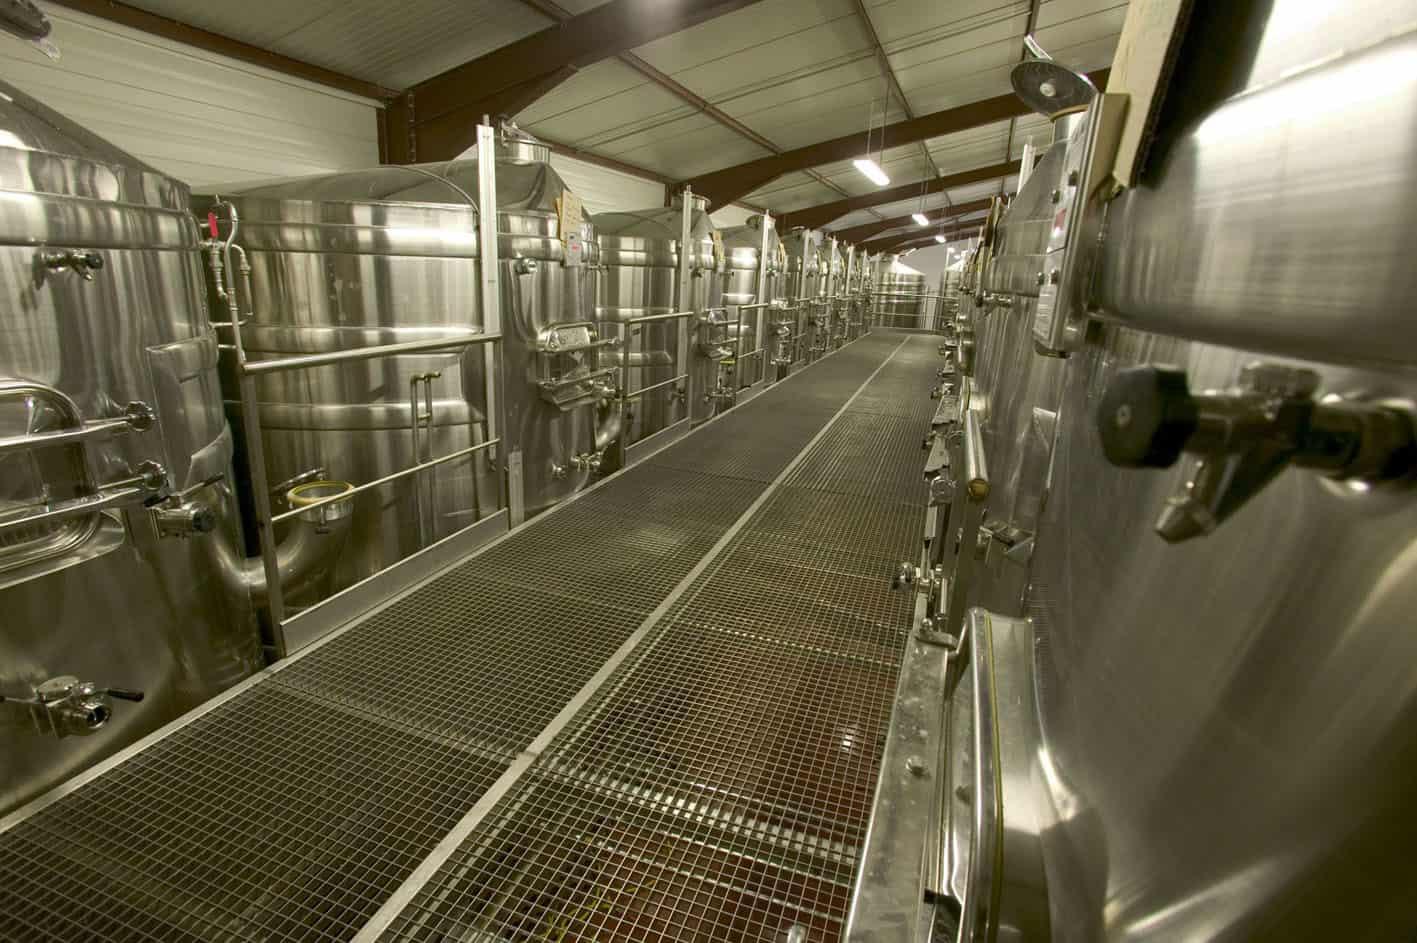 PropriŽtŽ DAMPT producteurs de vin de Bourgognecuverie